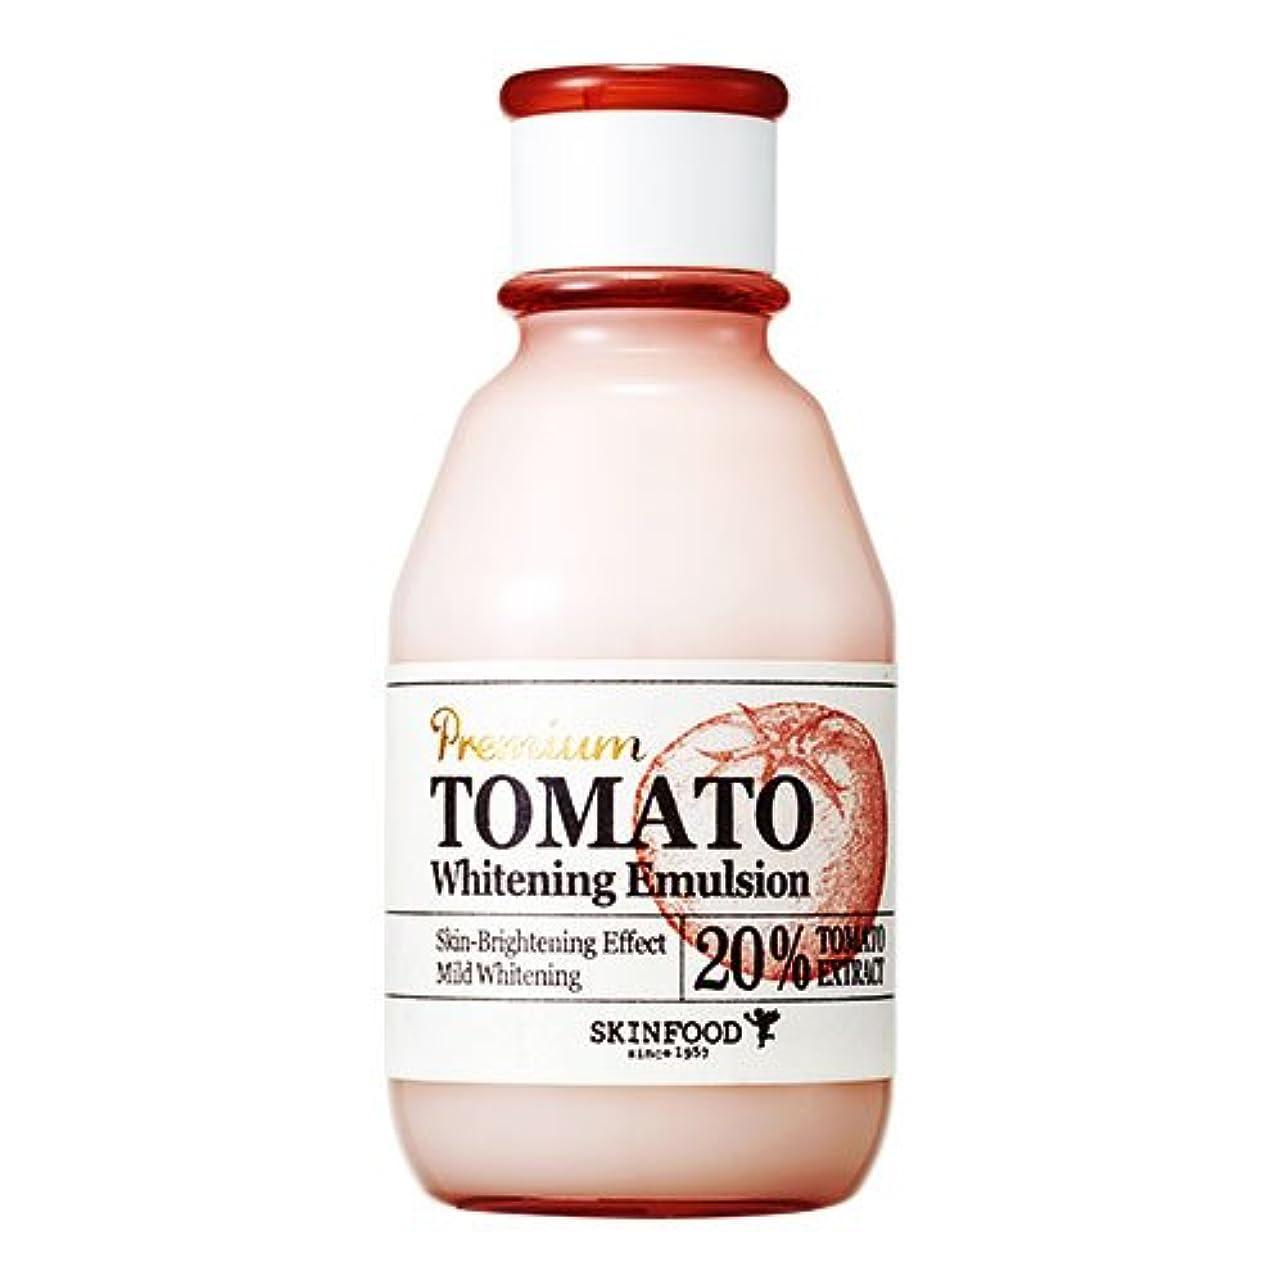 自治的読書をする参加者[スキンフード] SKINFOOD プレミアムトマトホワイトニングエマルジョン Premium Tomato Whitening Emulsion (海外直送品) [並行輸入品]